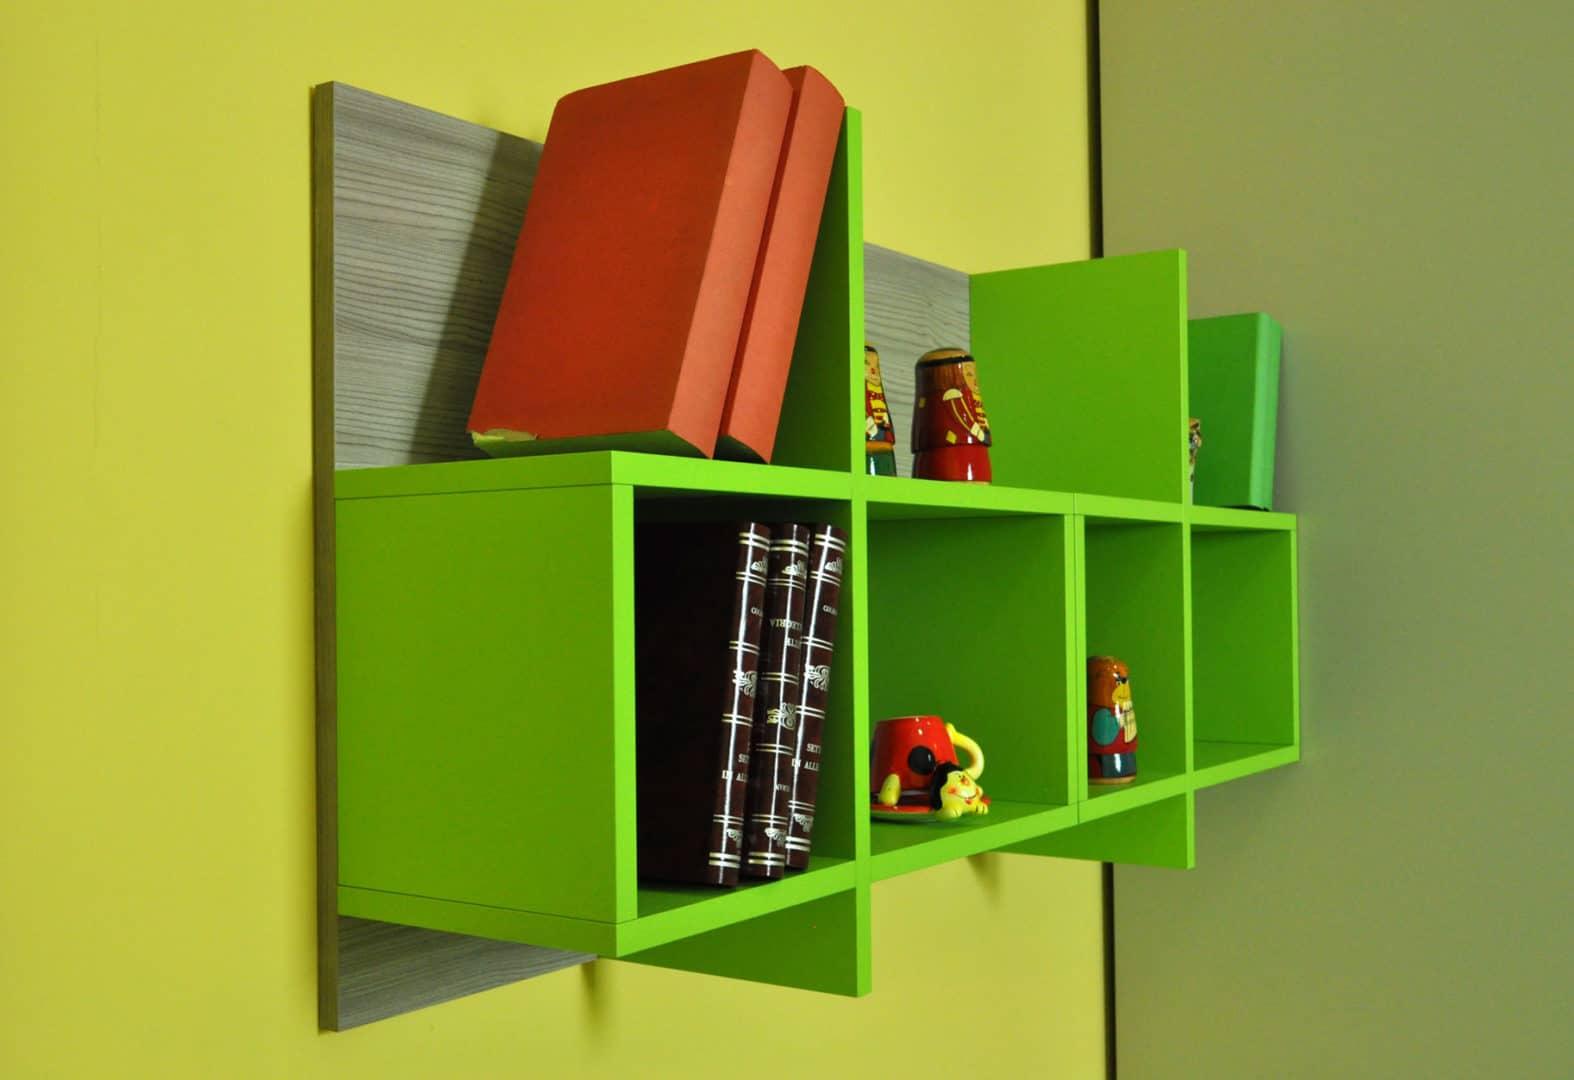 Offerte letti singoli per bambini : offerte letti singoli per ...